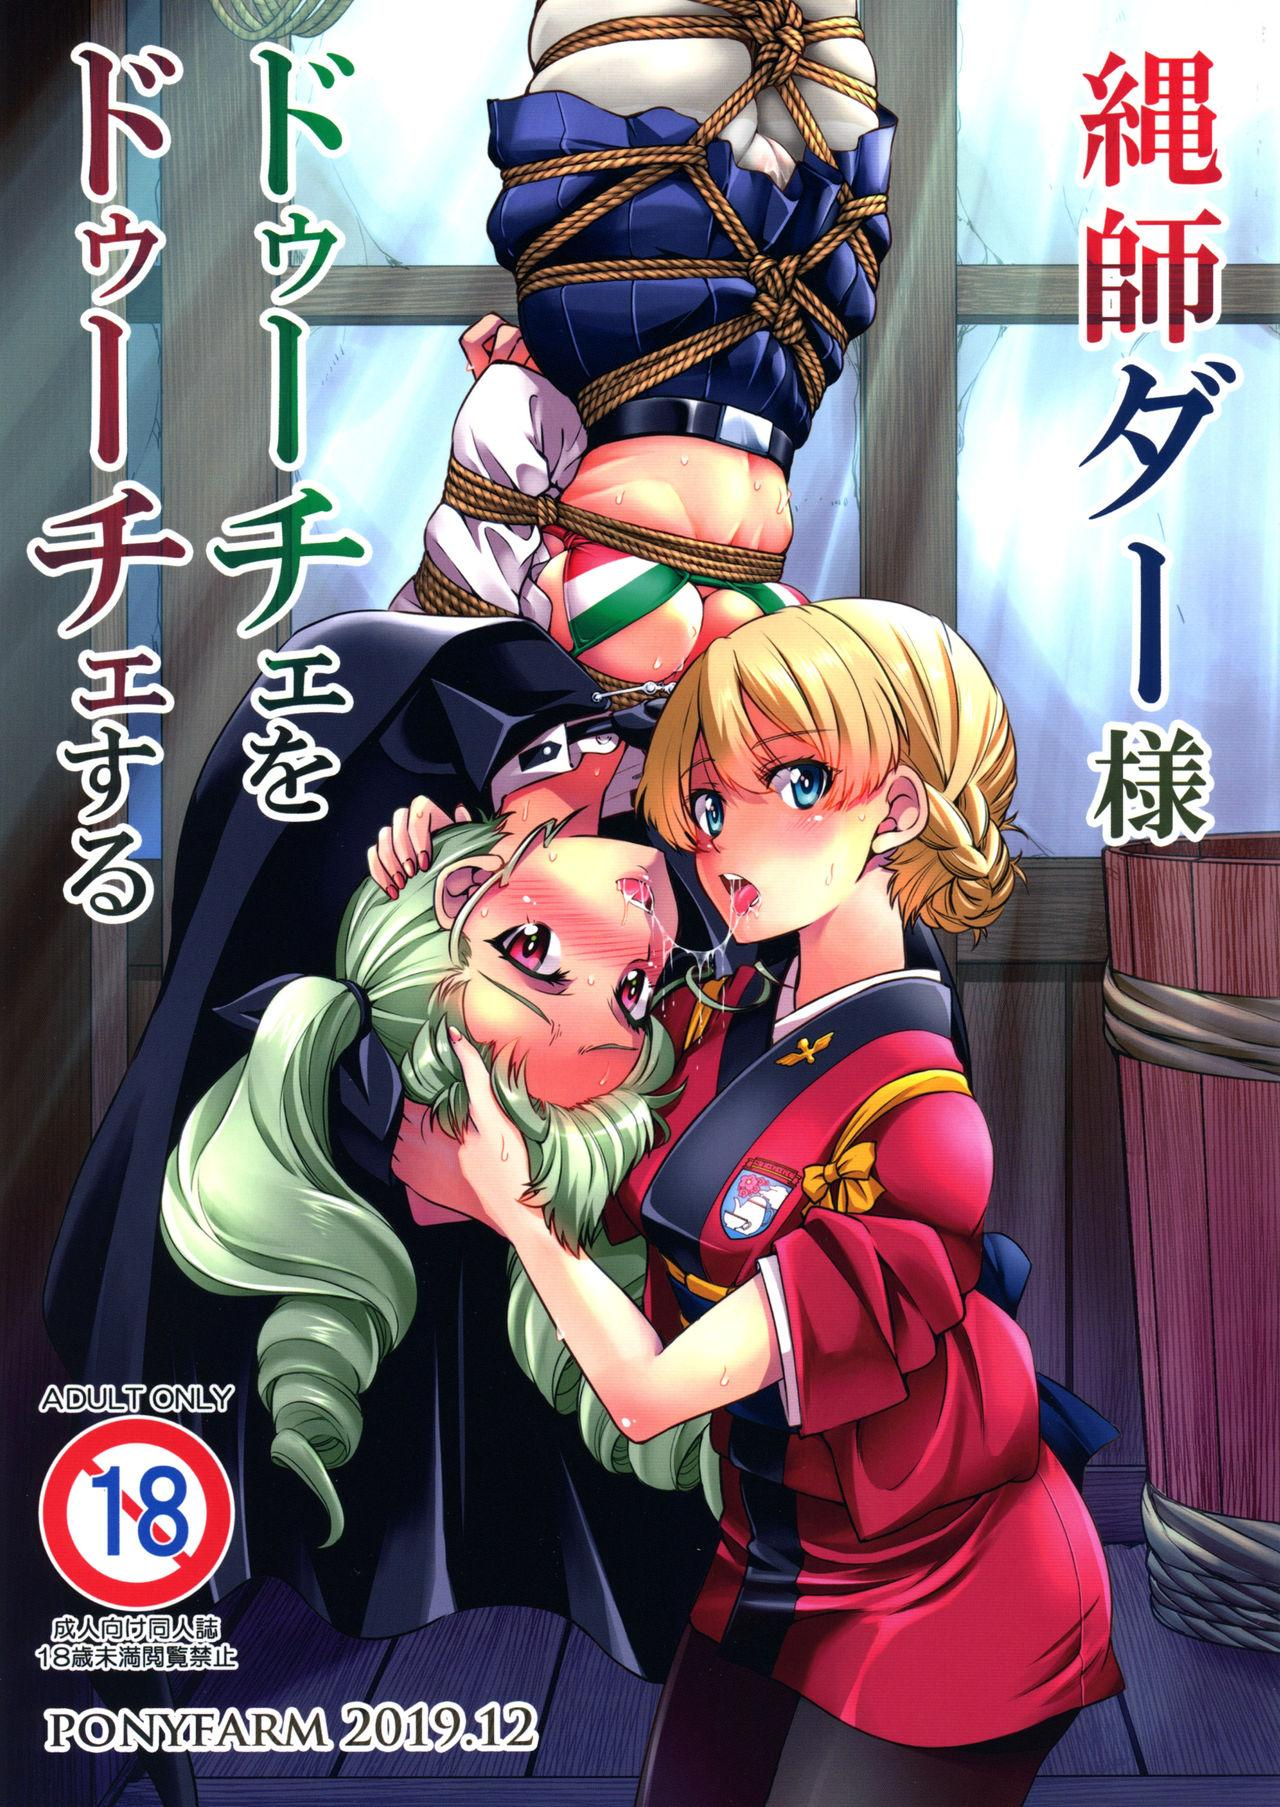 Nawashi Dar-sama Duce o Duce suru 0